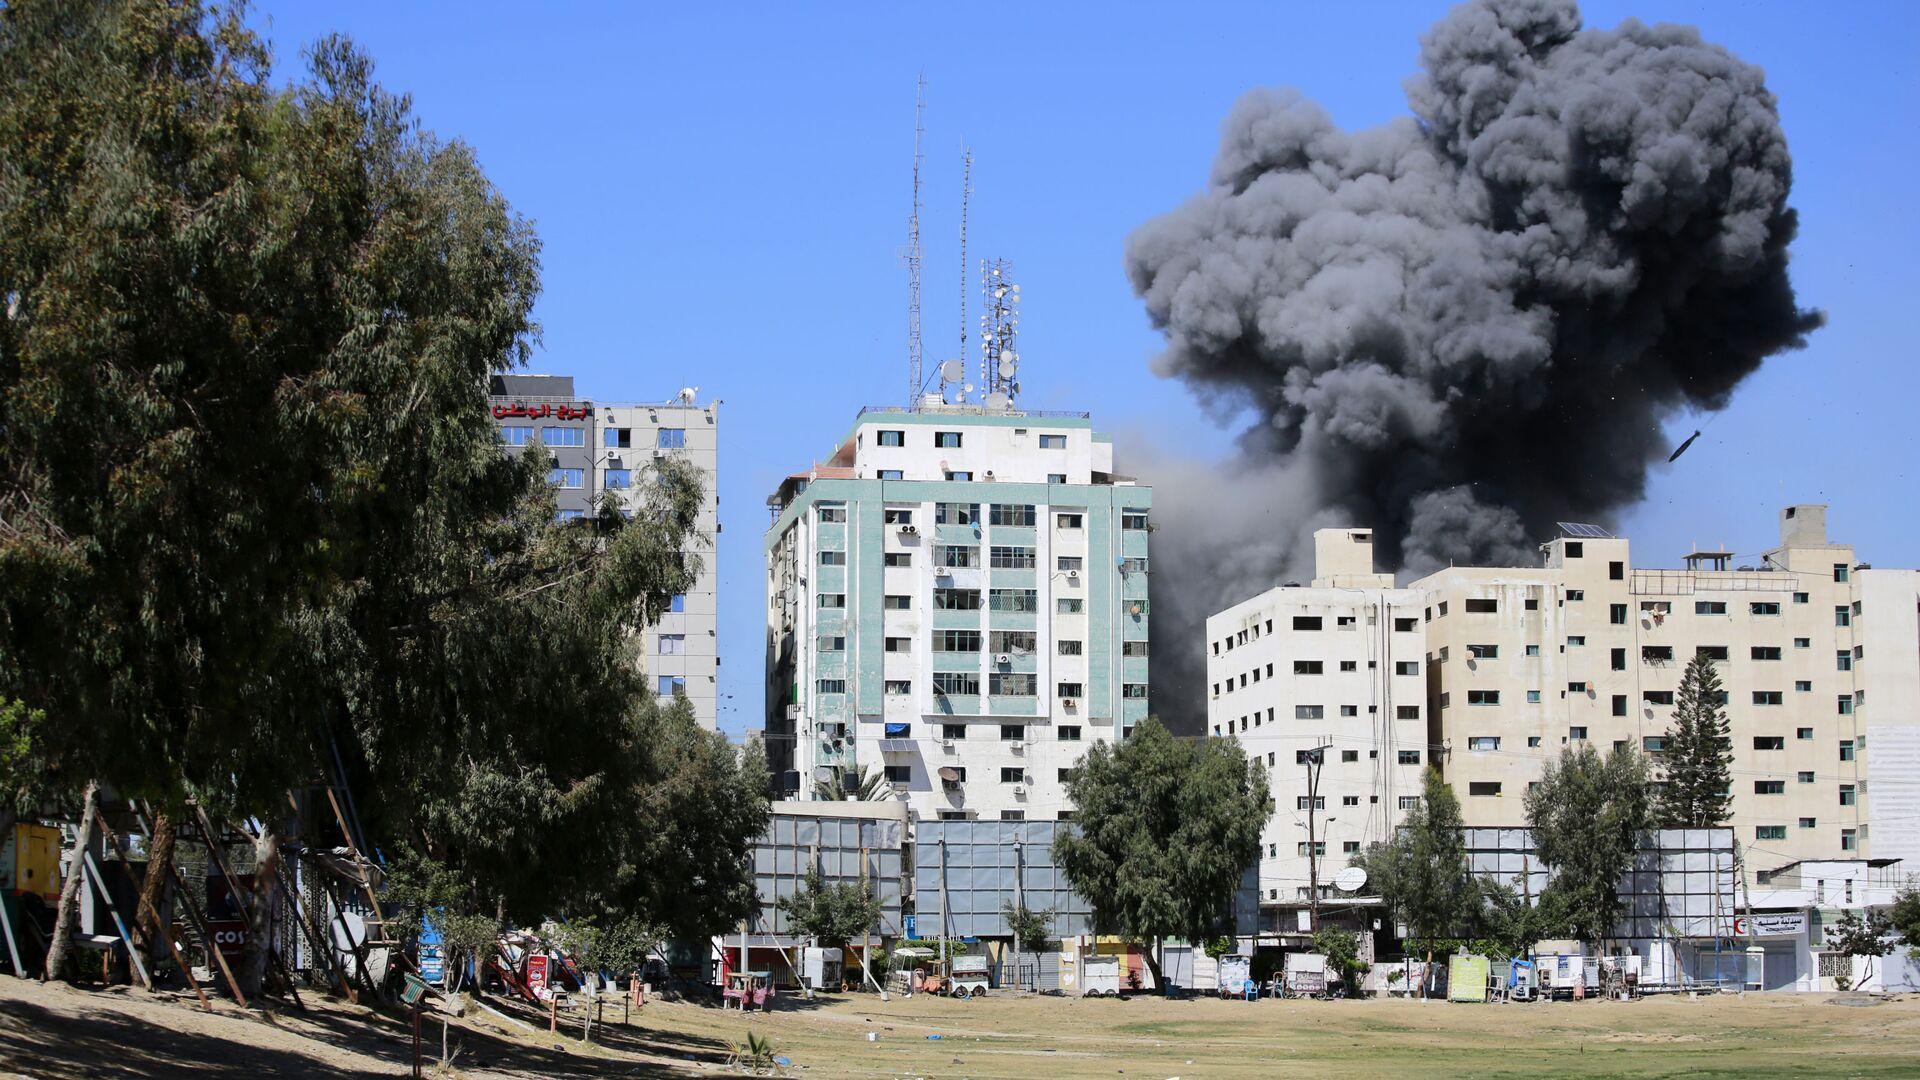 Fumo sopra un edificio nella Striscia di Gaza dopo un attacco aereo israeliano - Sputnik Italia, 1920, 17.05.2021